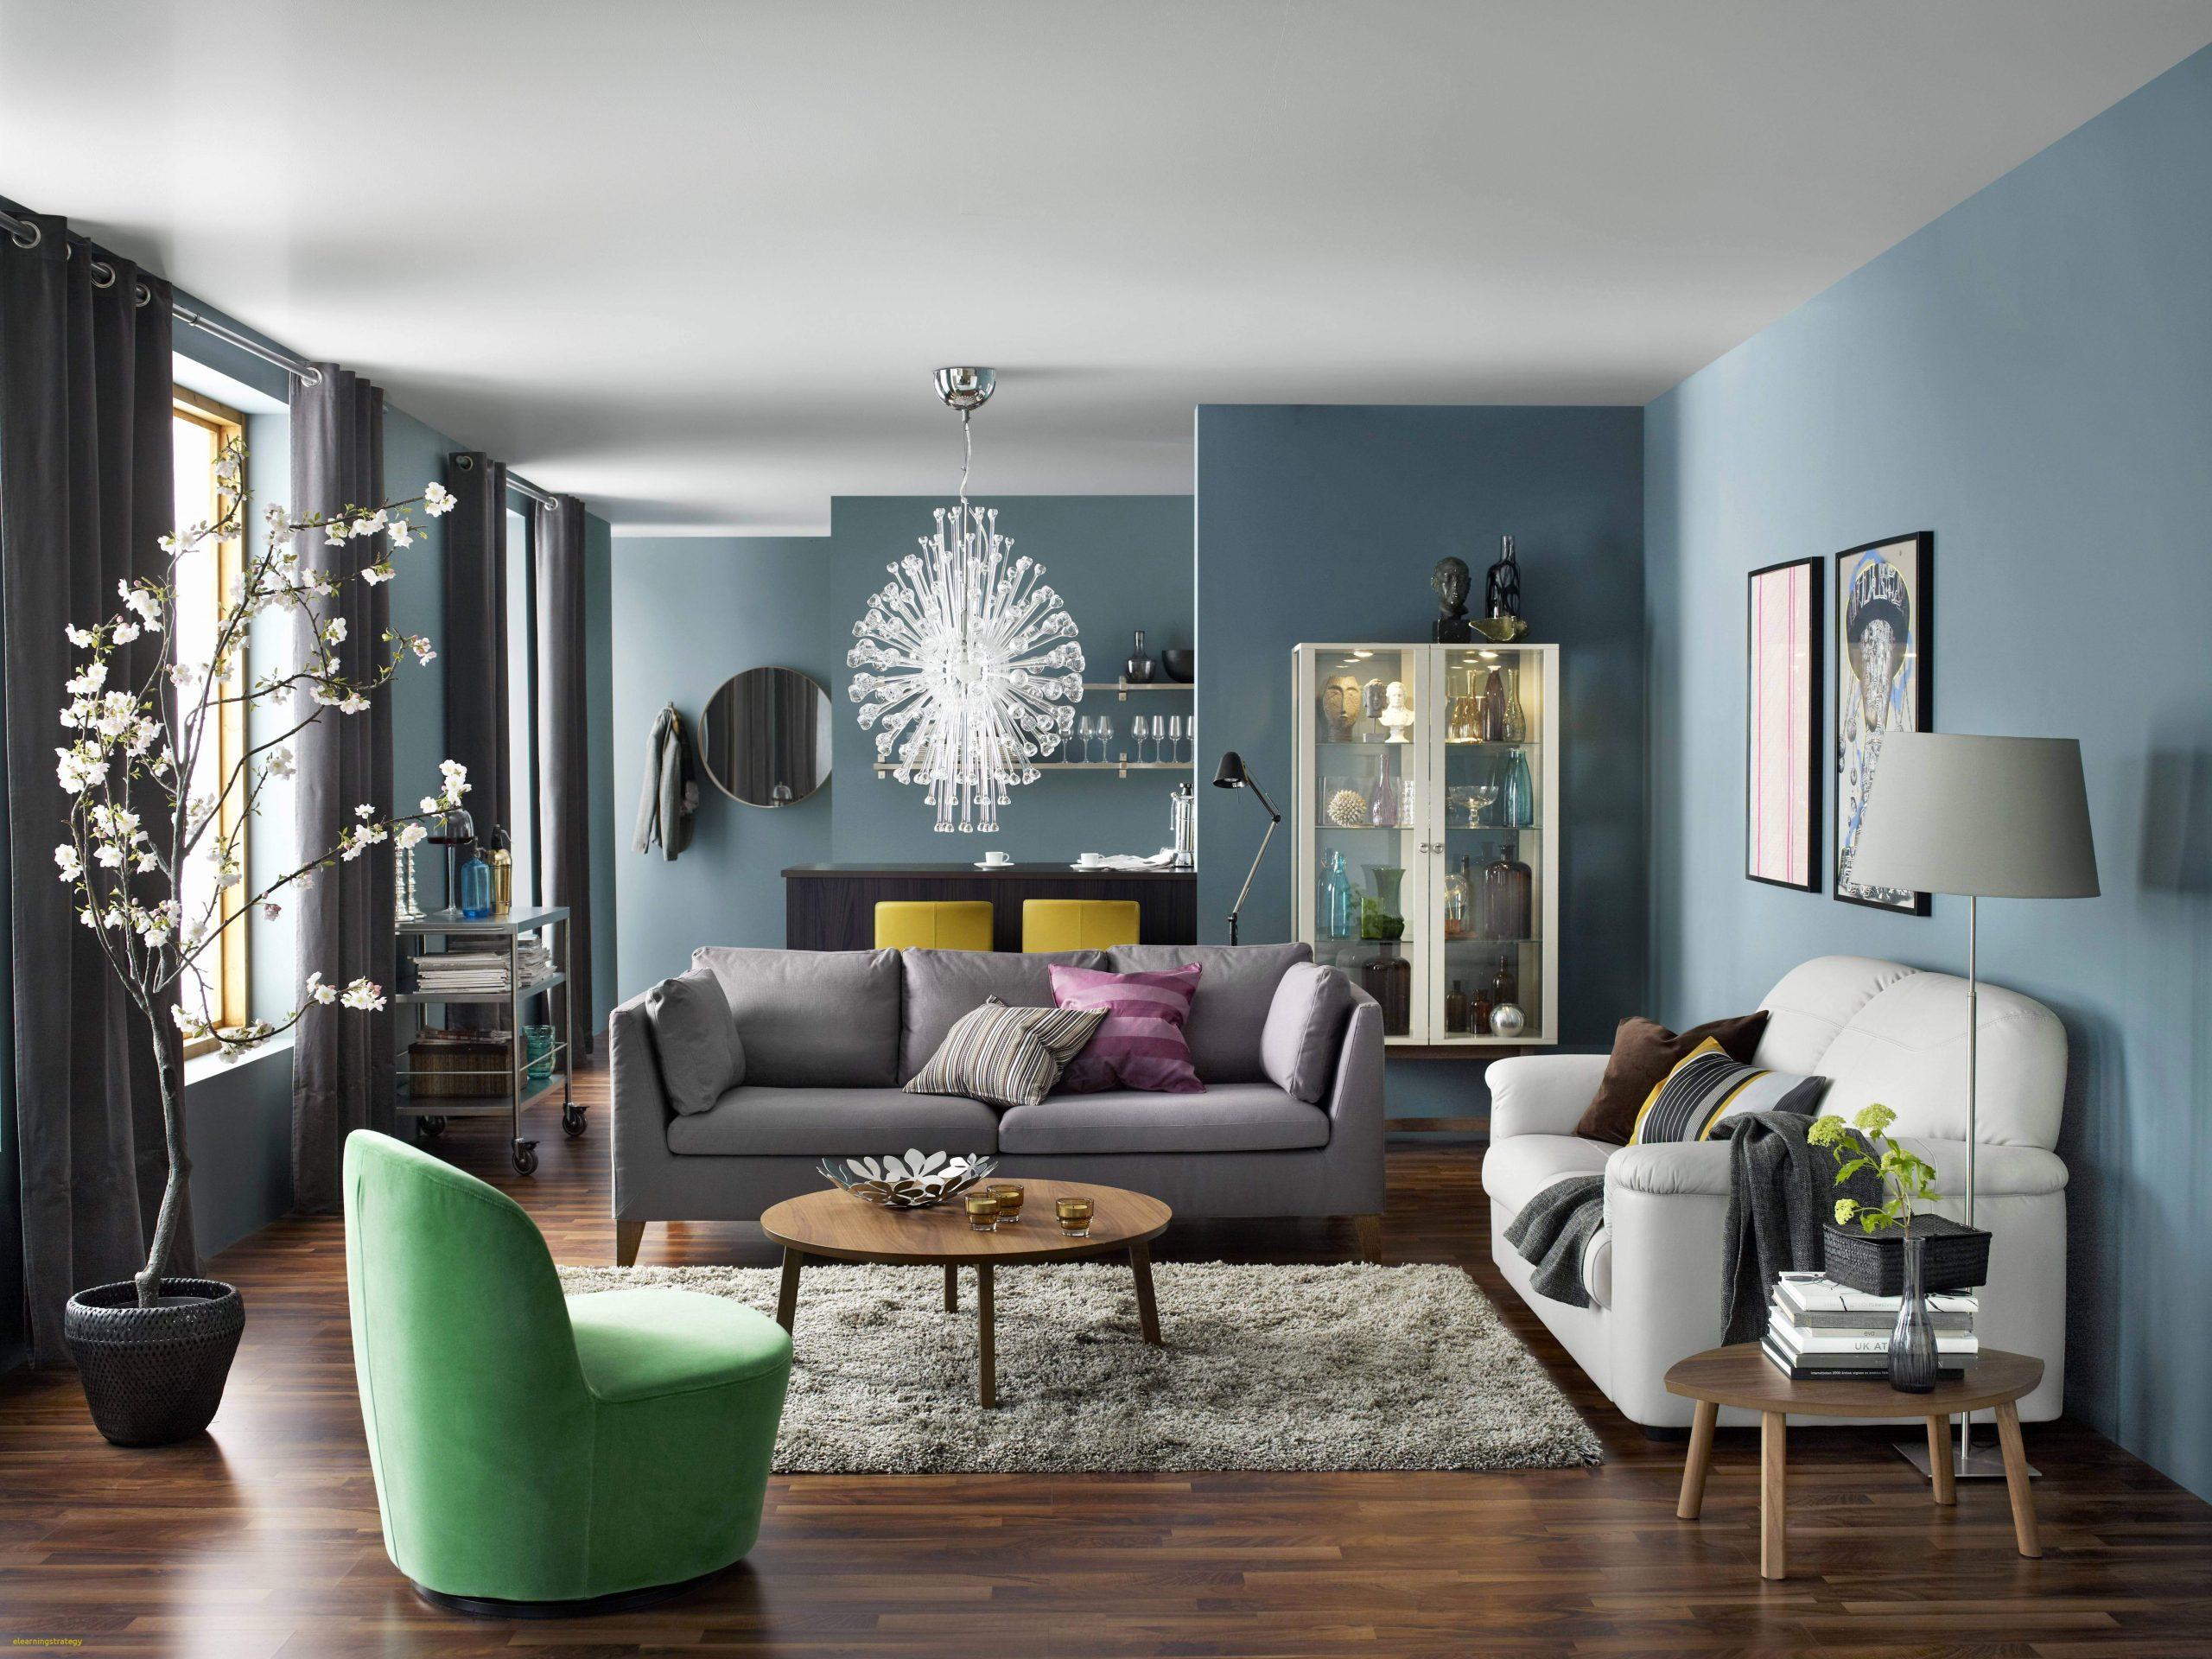 Full Size of Sofas Für Kleine Wohnzimmer Luxus Deko Ideen Für Kleines Wohnzimmer Frisch Wohnzimmer Sofa Kleines Wohnzimmer